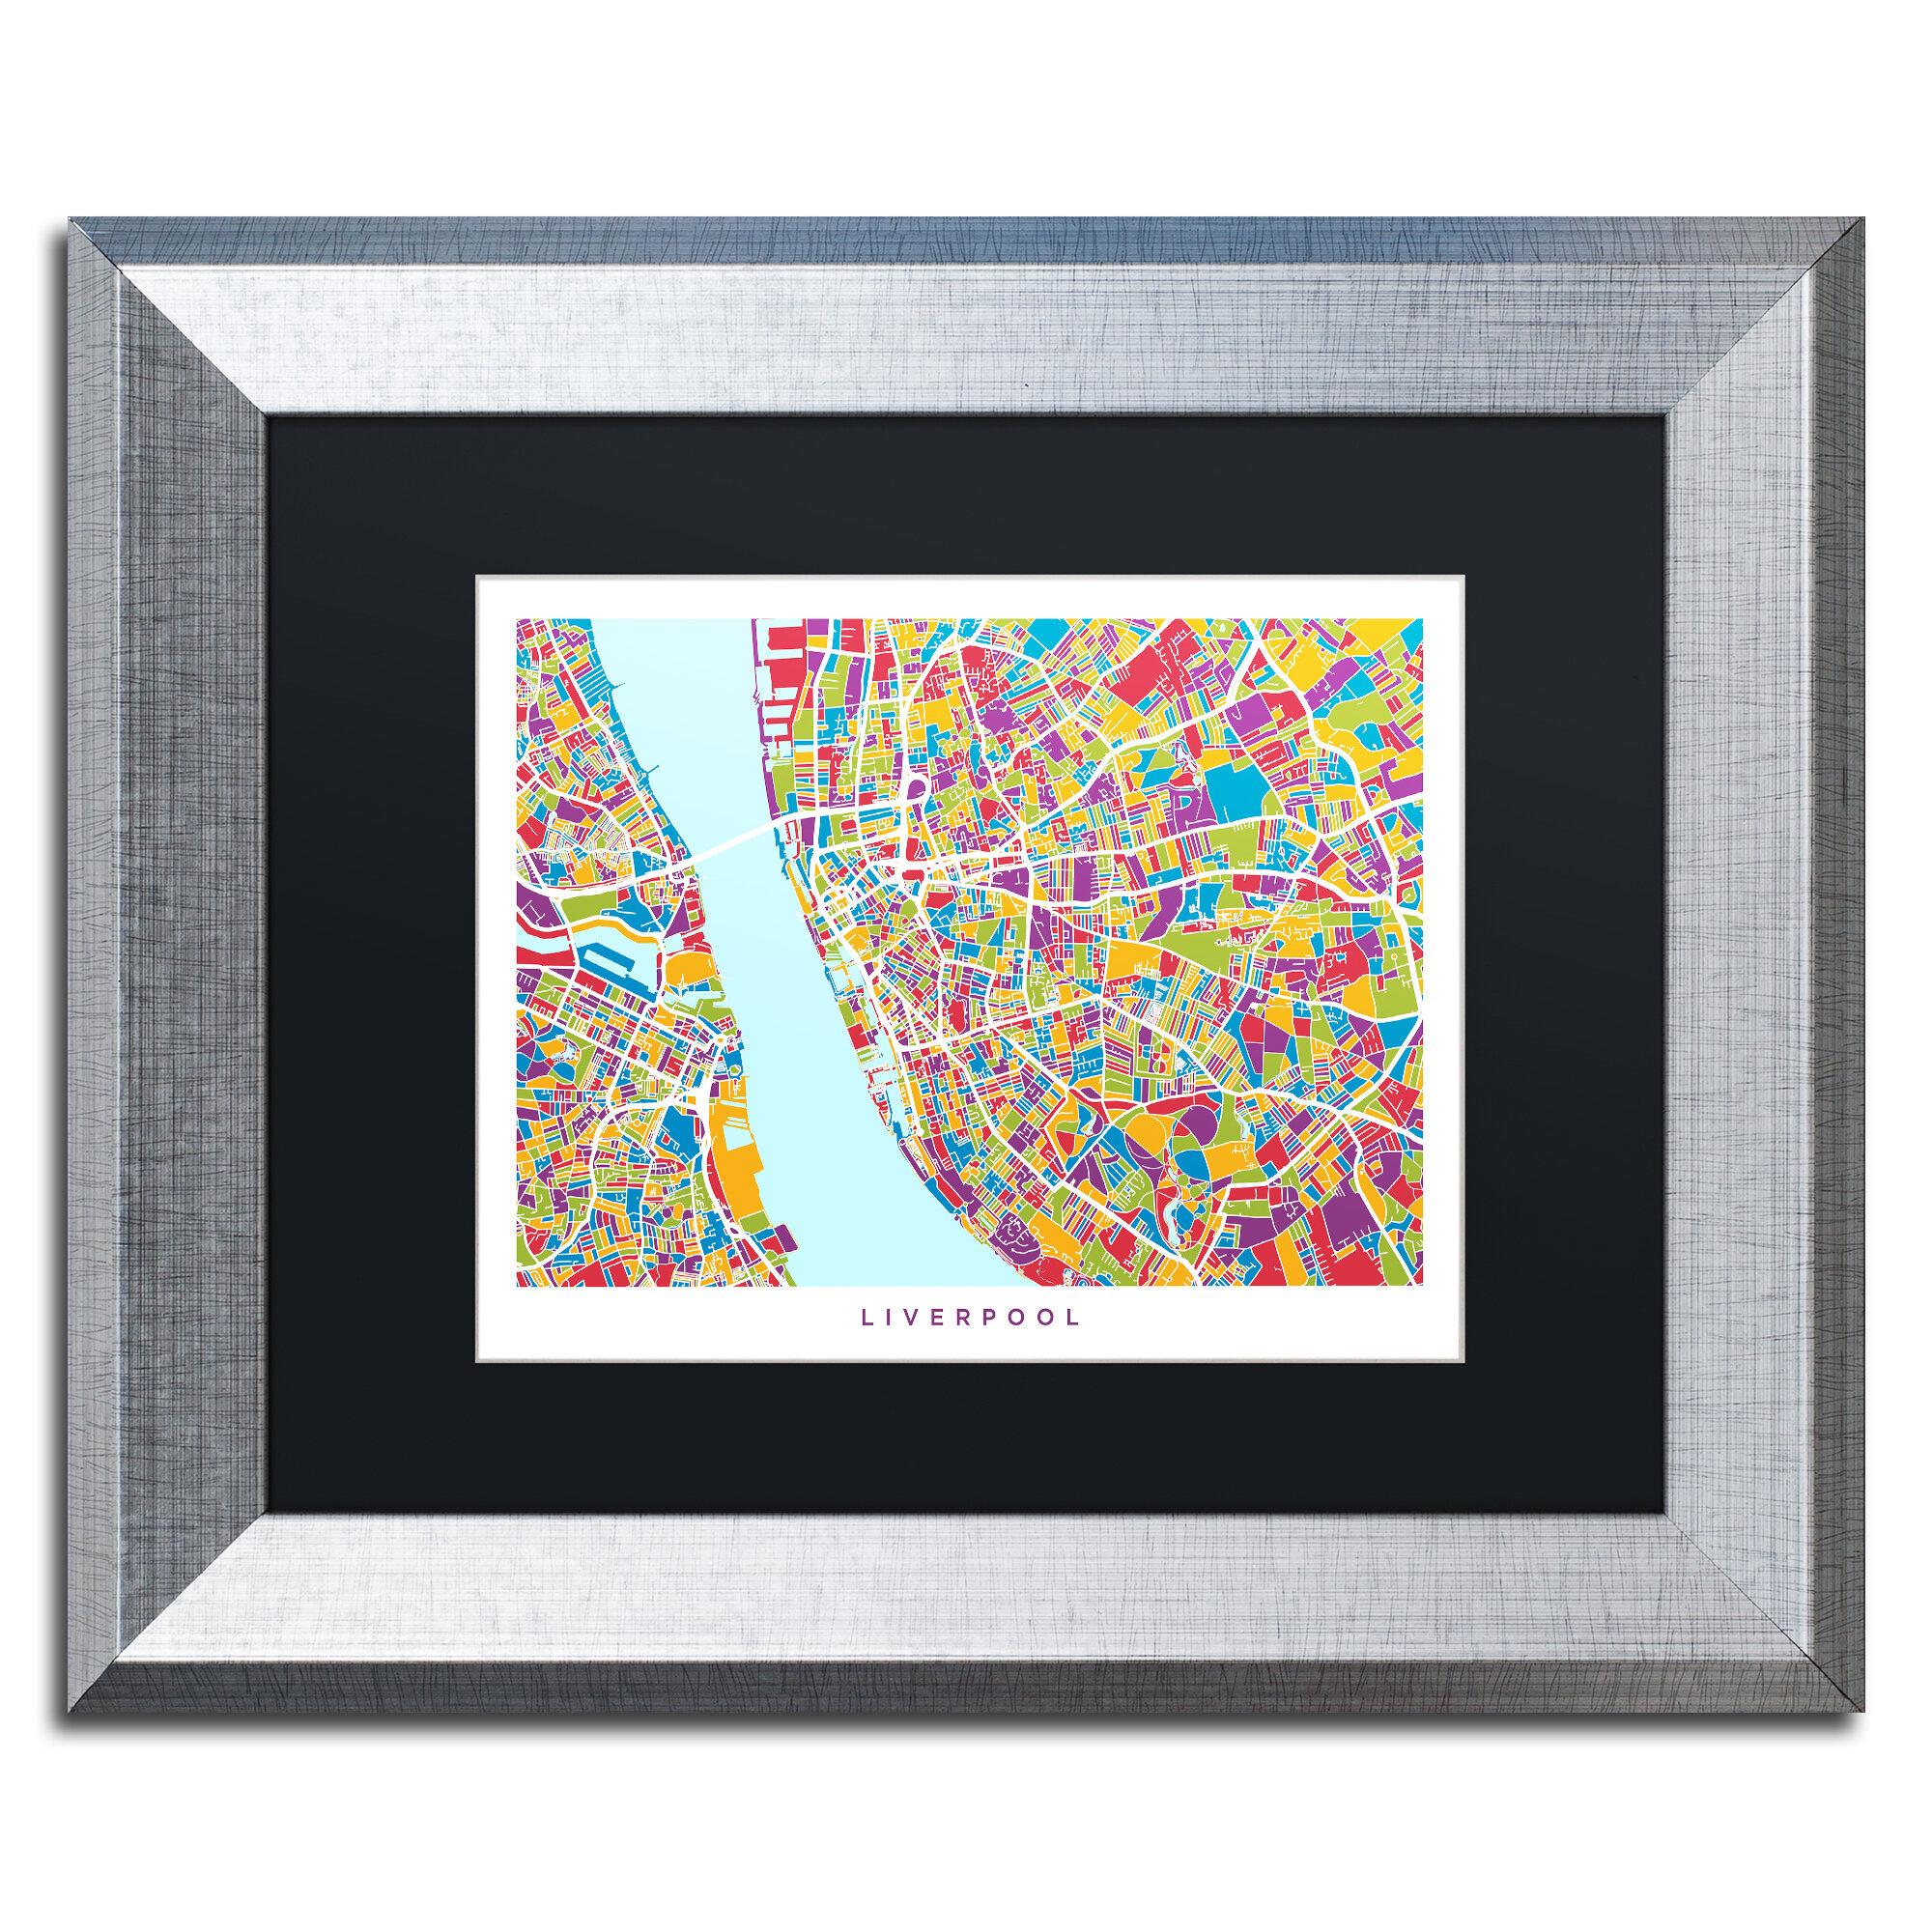 Trademark Art Liverpool Street Map 4 Framed Graphic Art Print On Canvas Wayfair